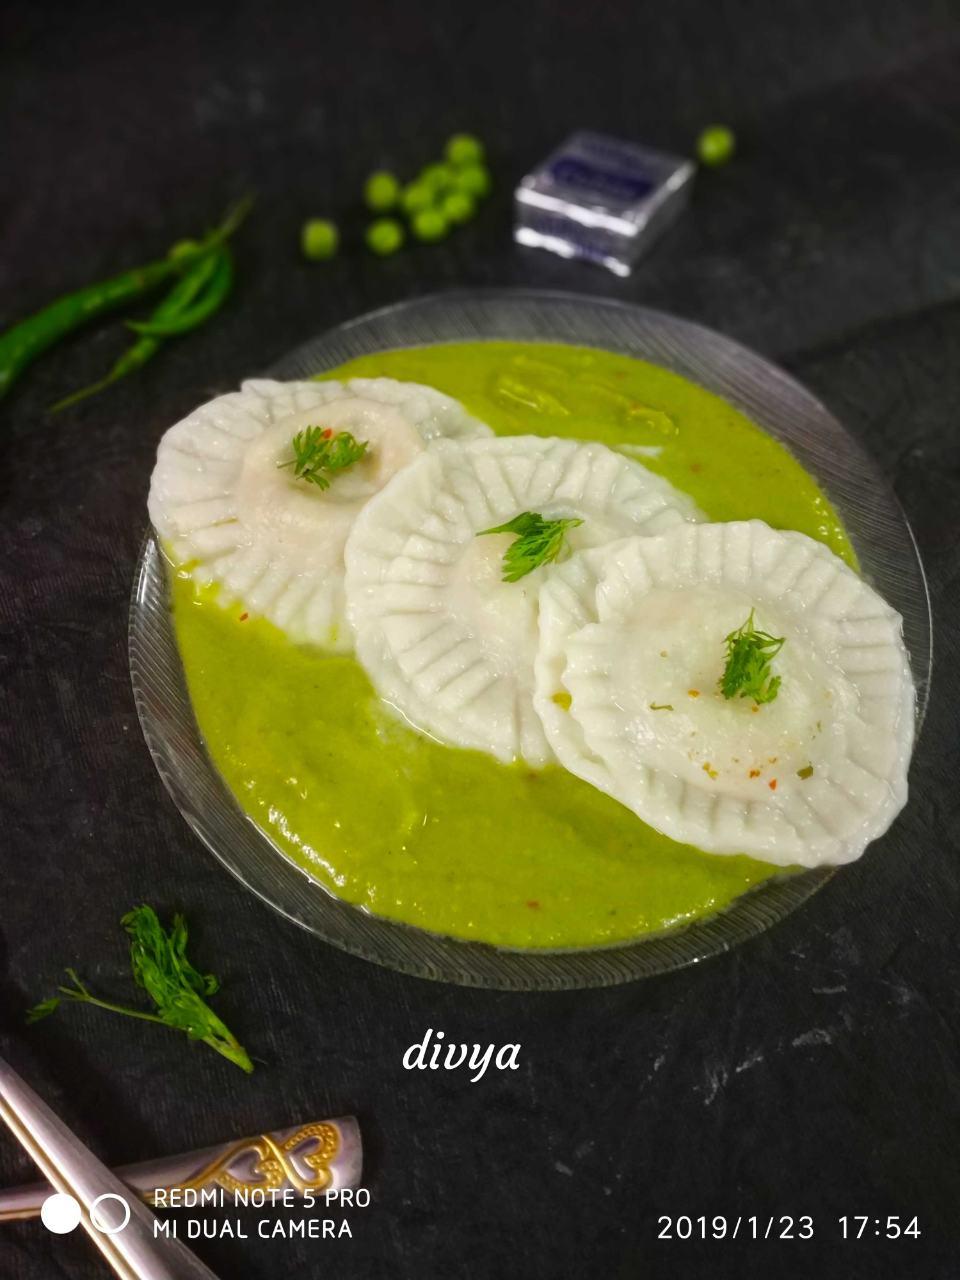 Mutur Gravy With Cheesy Rivoli